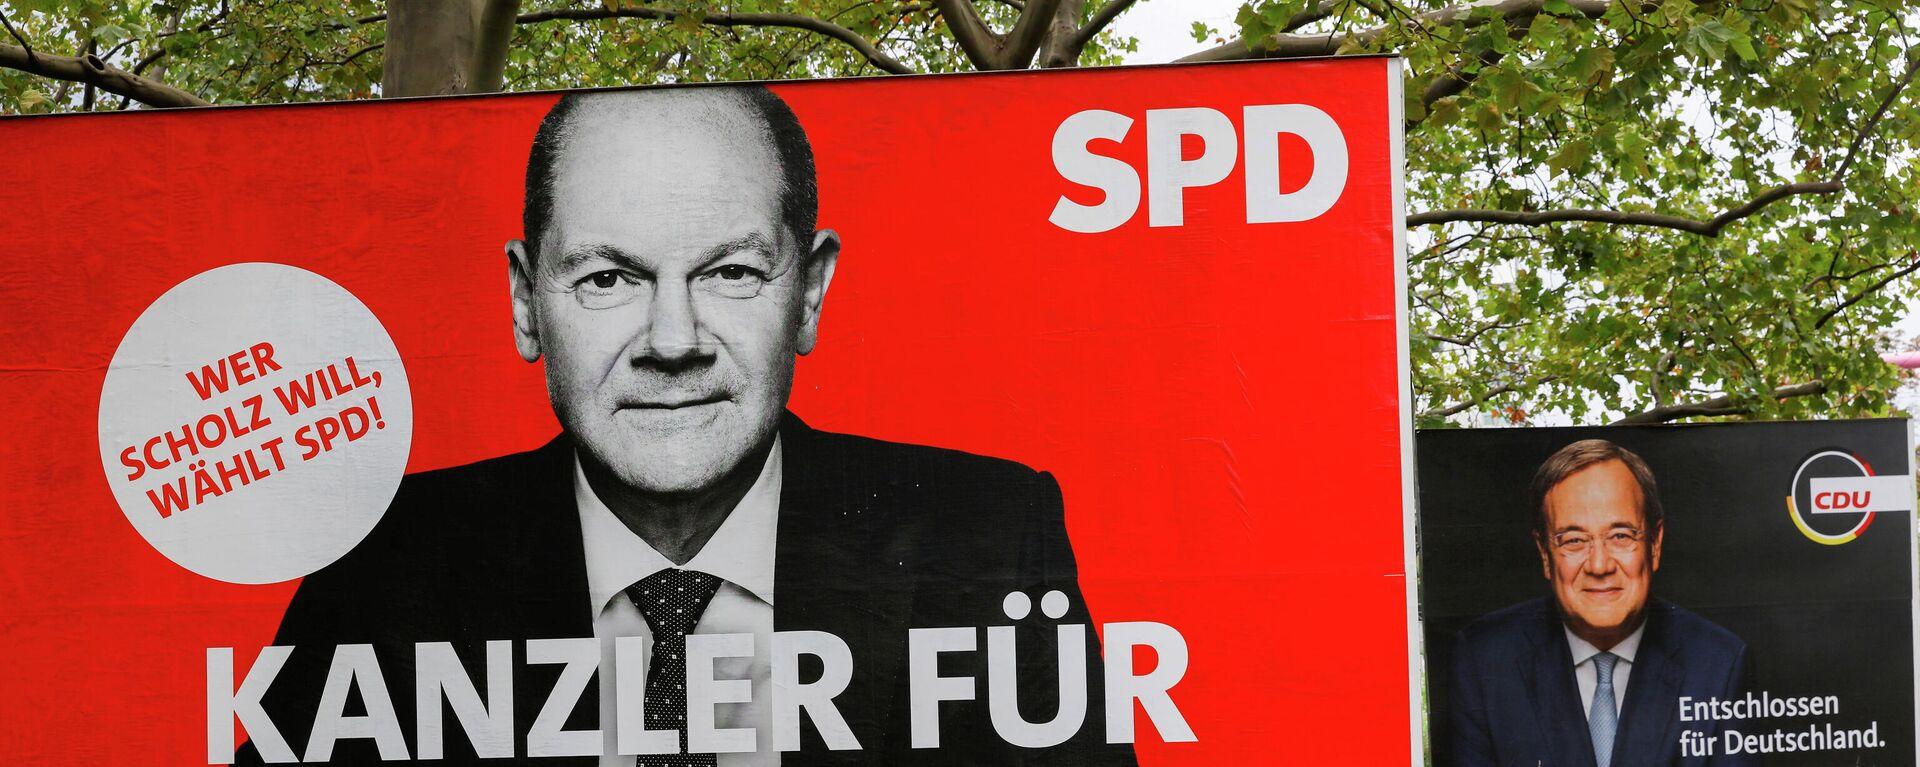 Wahlkampfplakate der SPD und CDU - SNA, 1920, 22.09.2021